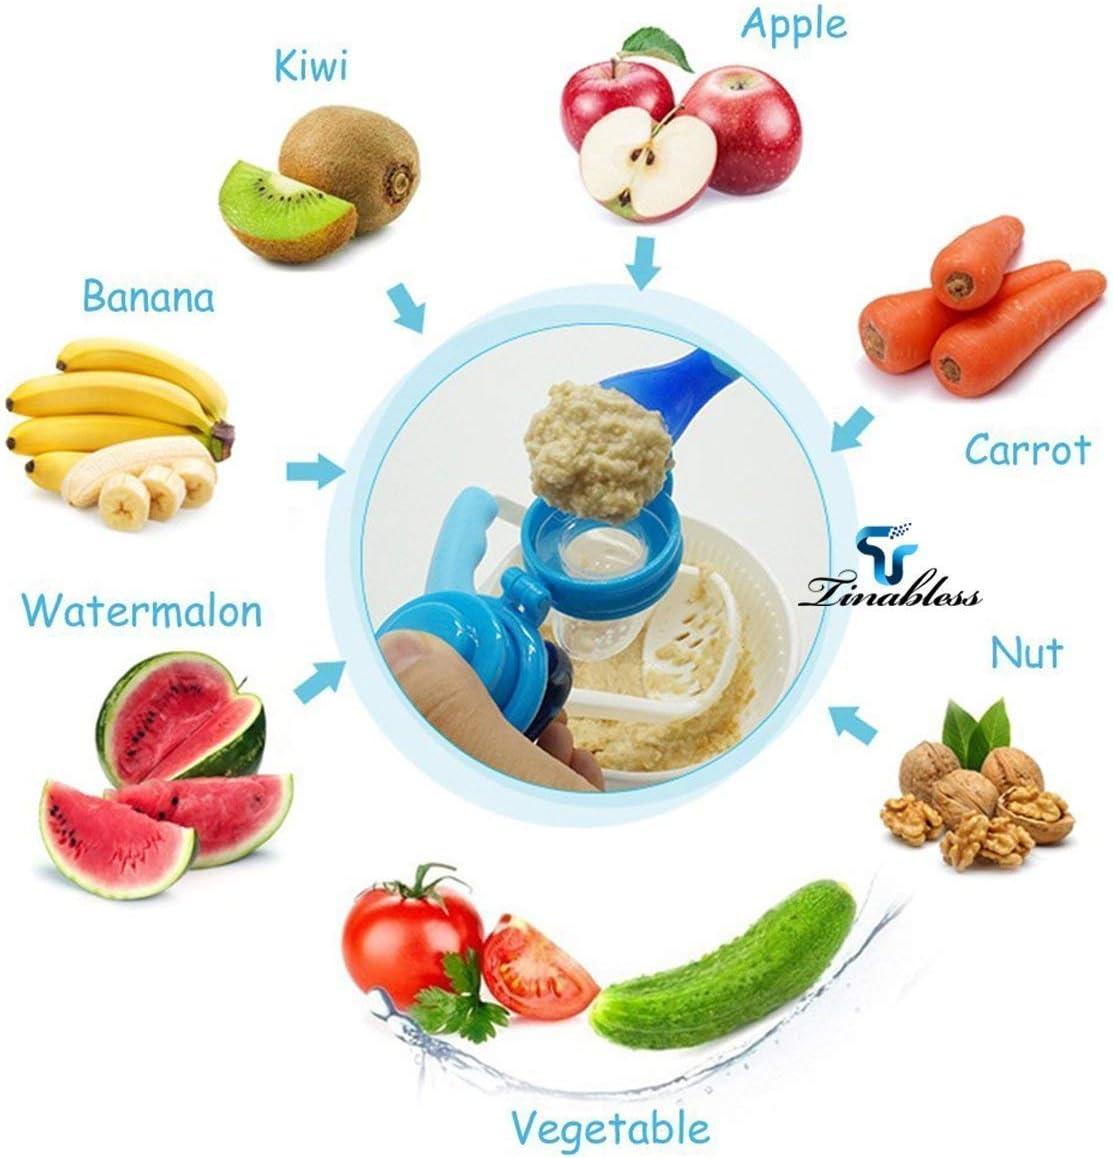 chupete de verduras chupete de silicona para alimentos 3 unidades Chupete de Faneli chupete con cadena para chupete